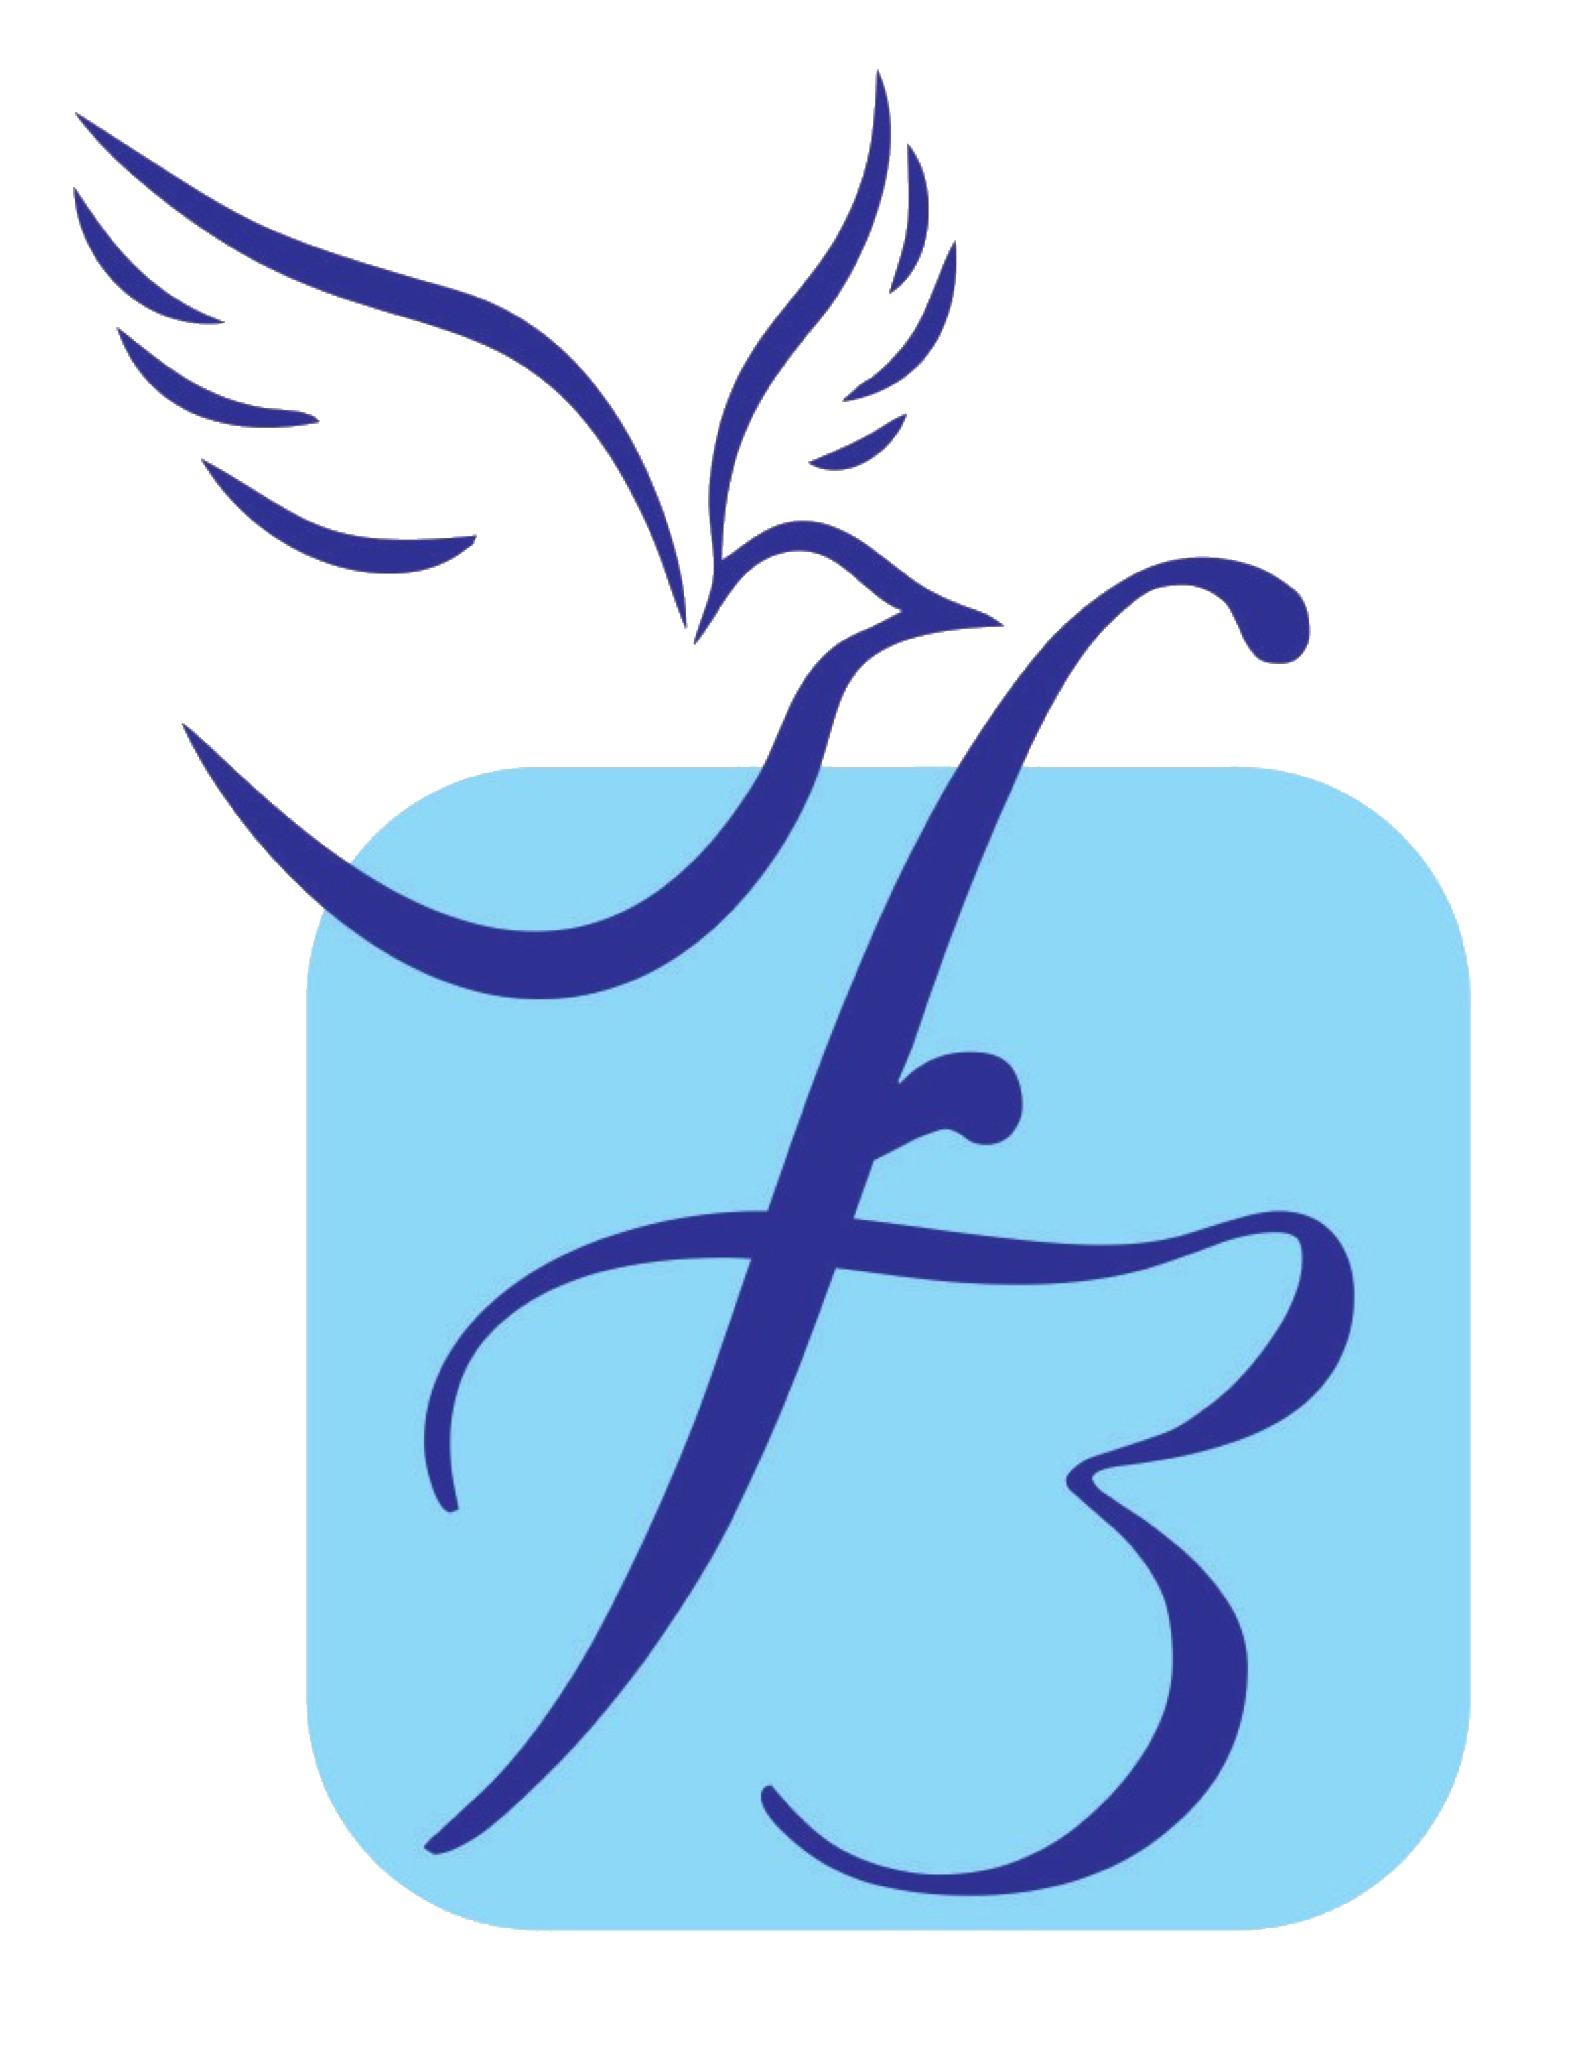 Freebird Financials Imf